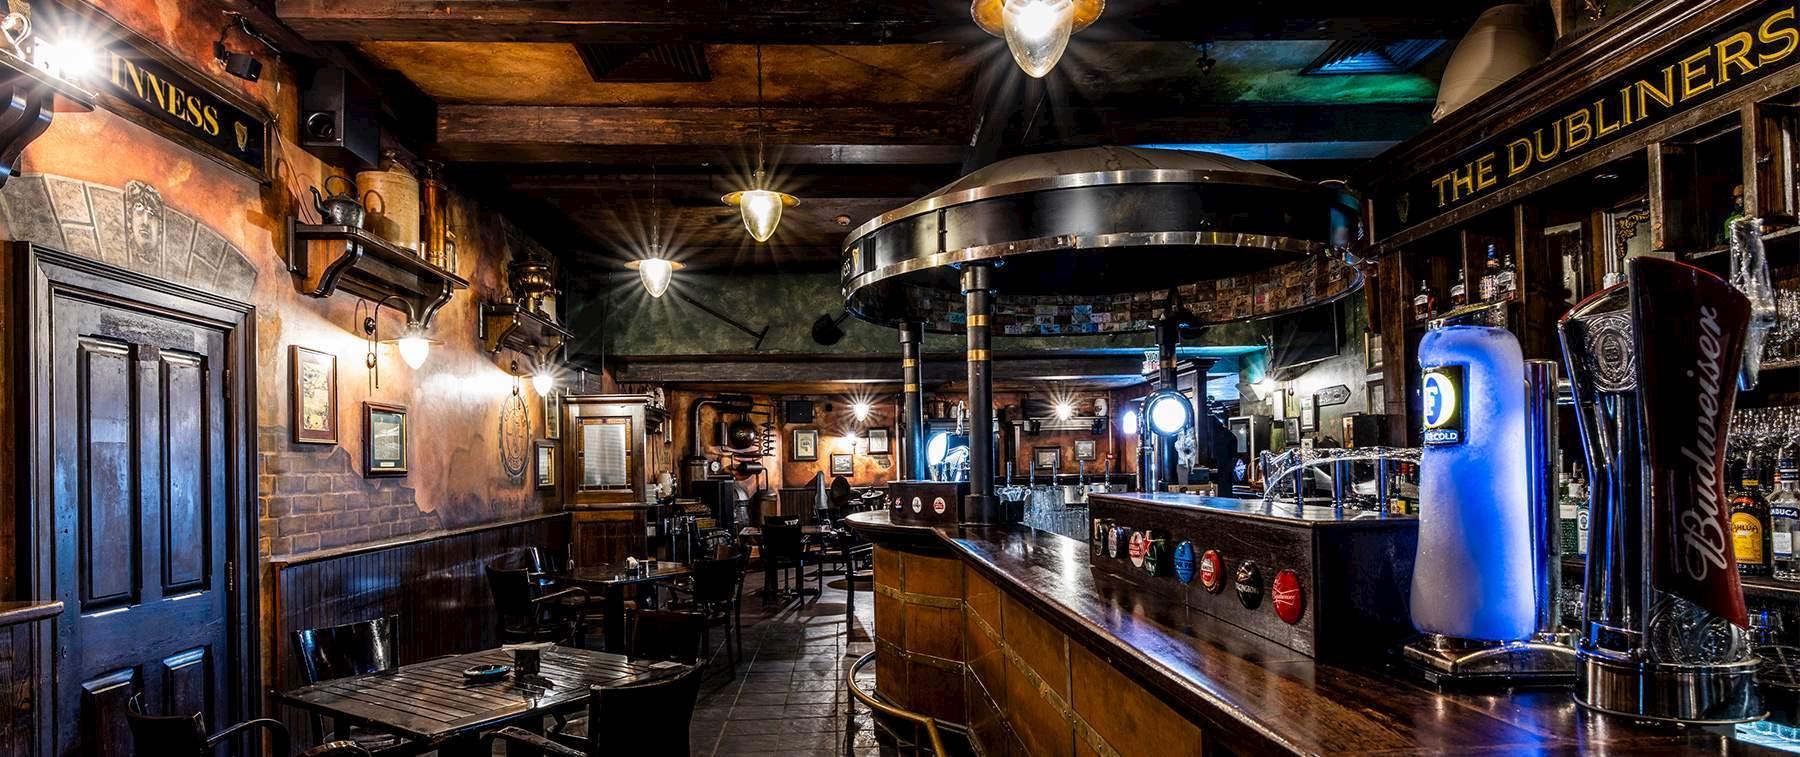 The Dubliner's - Irish Pub In Dubai